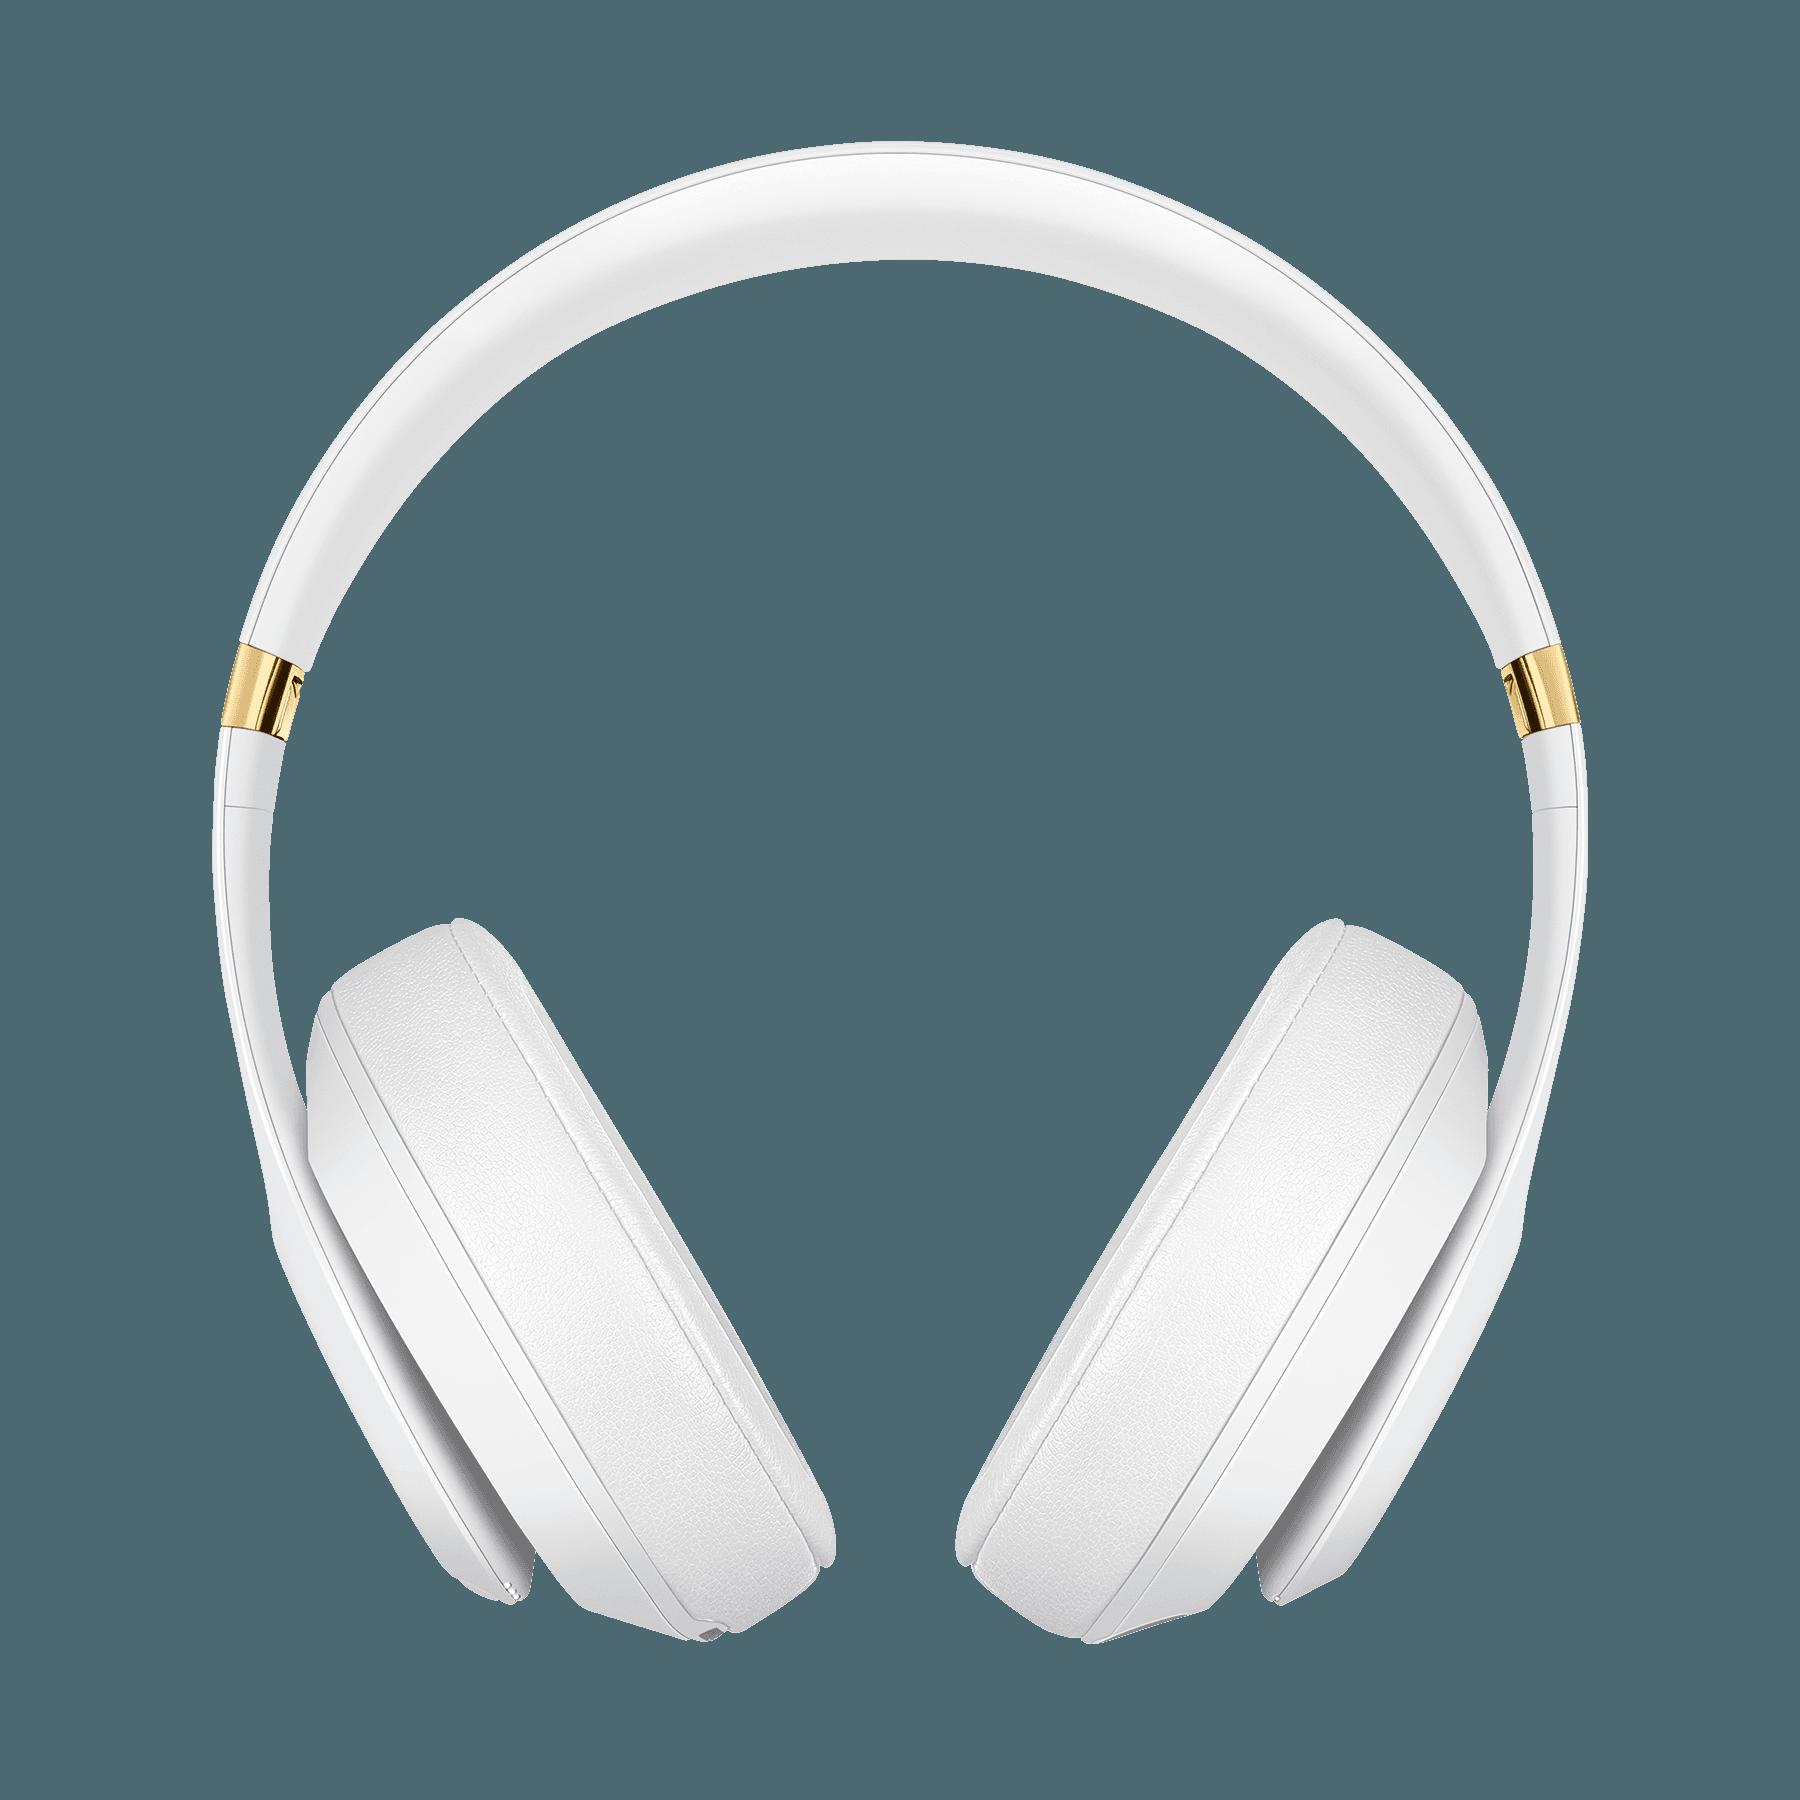 beats studio3 wireless beats by dre